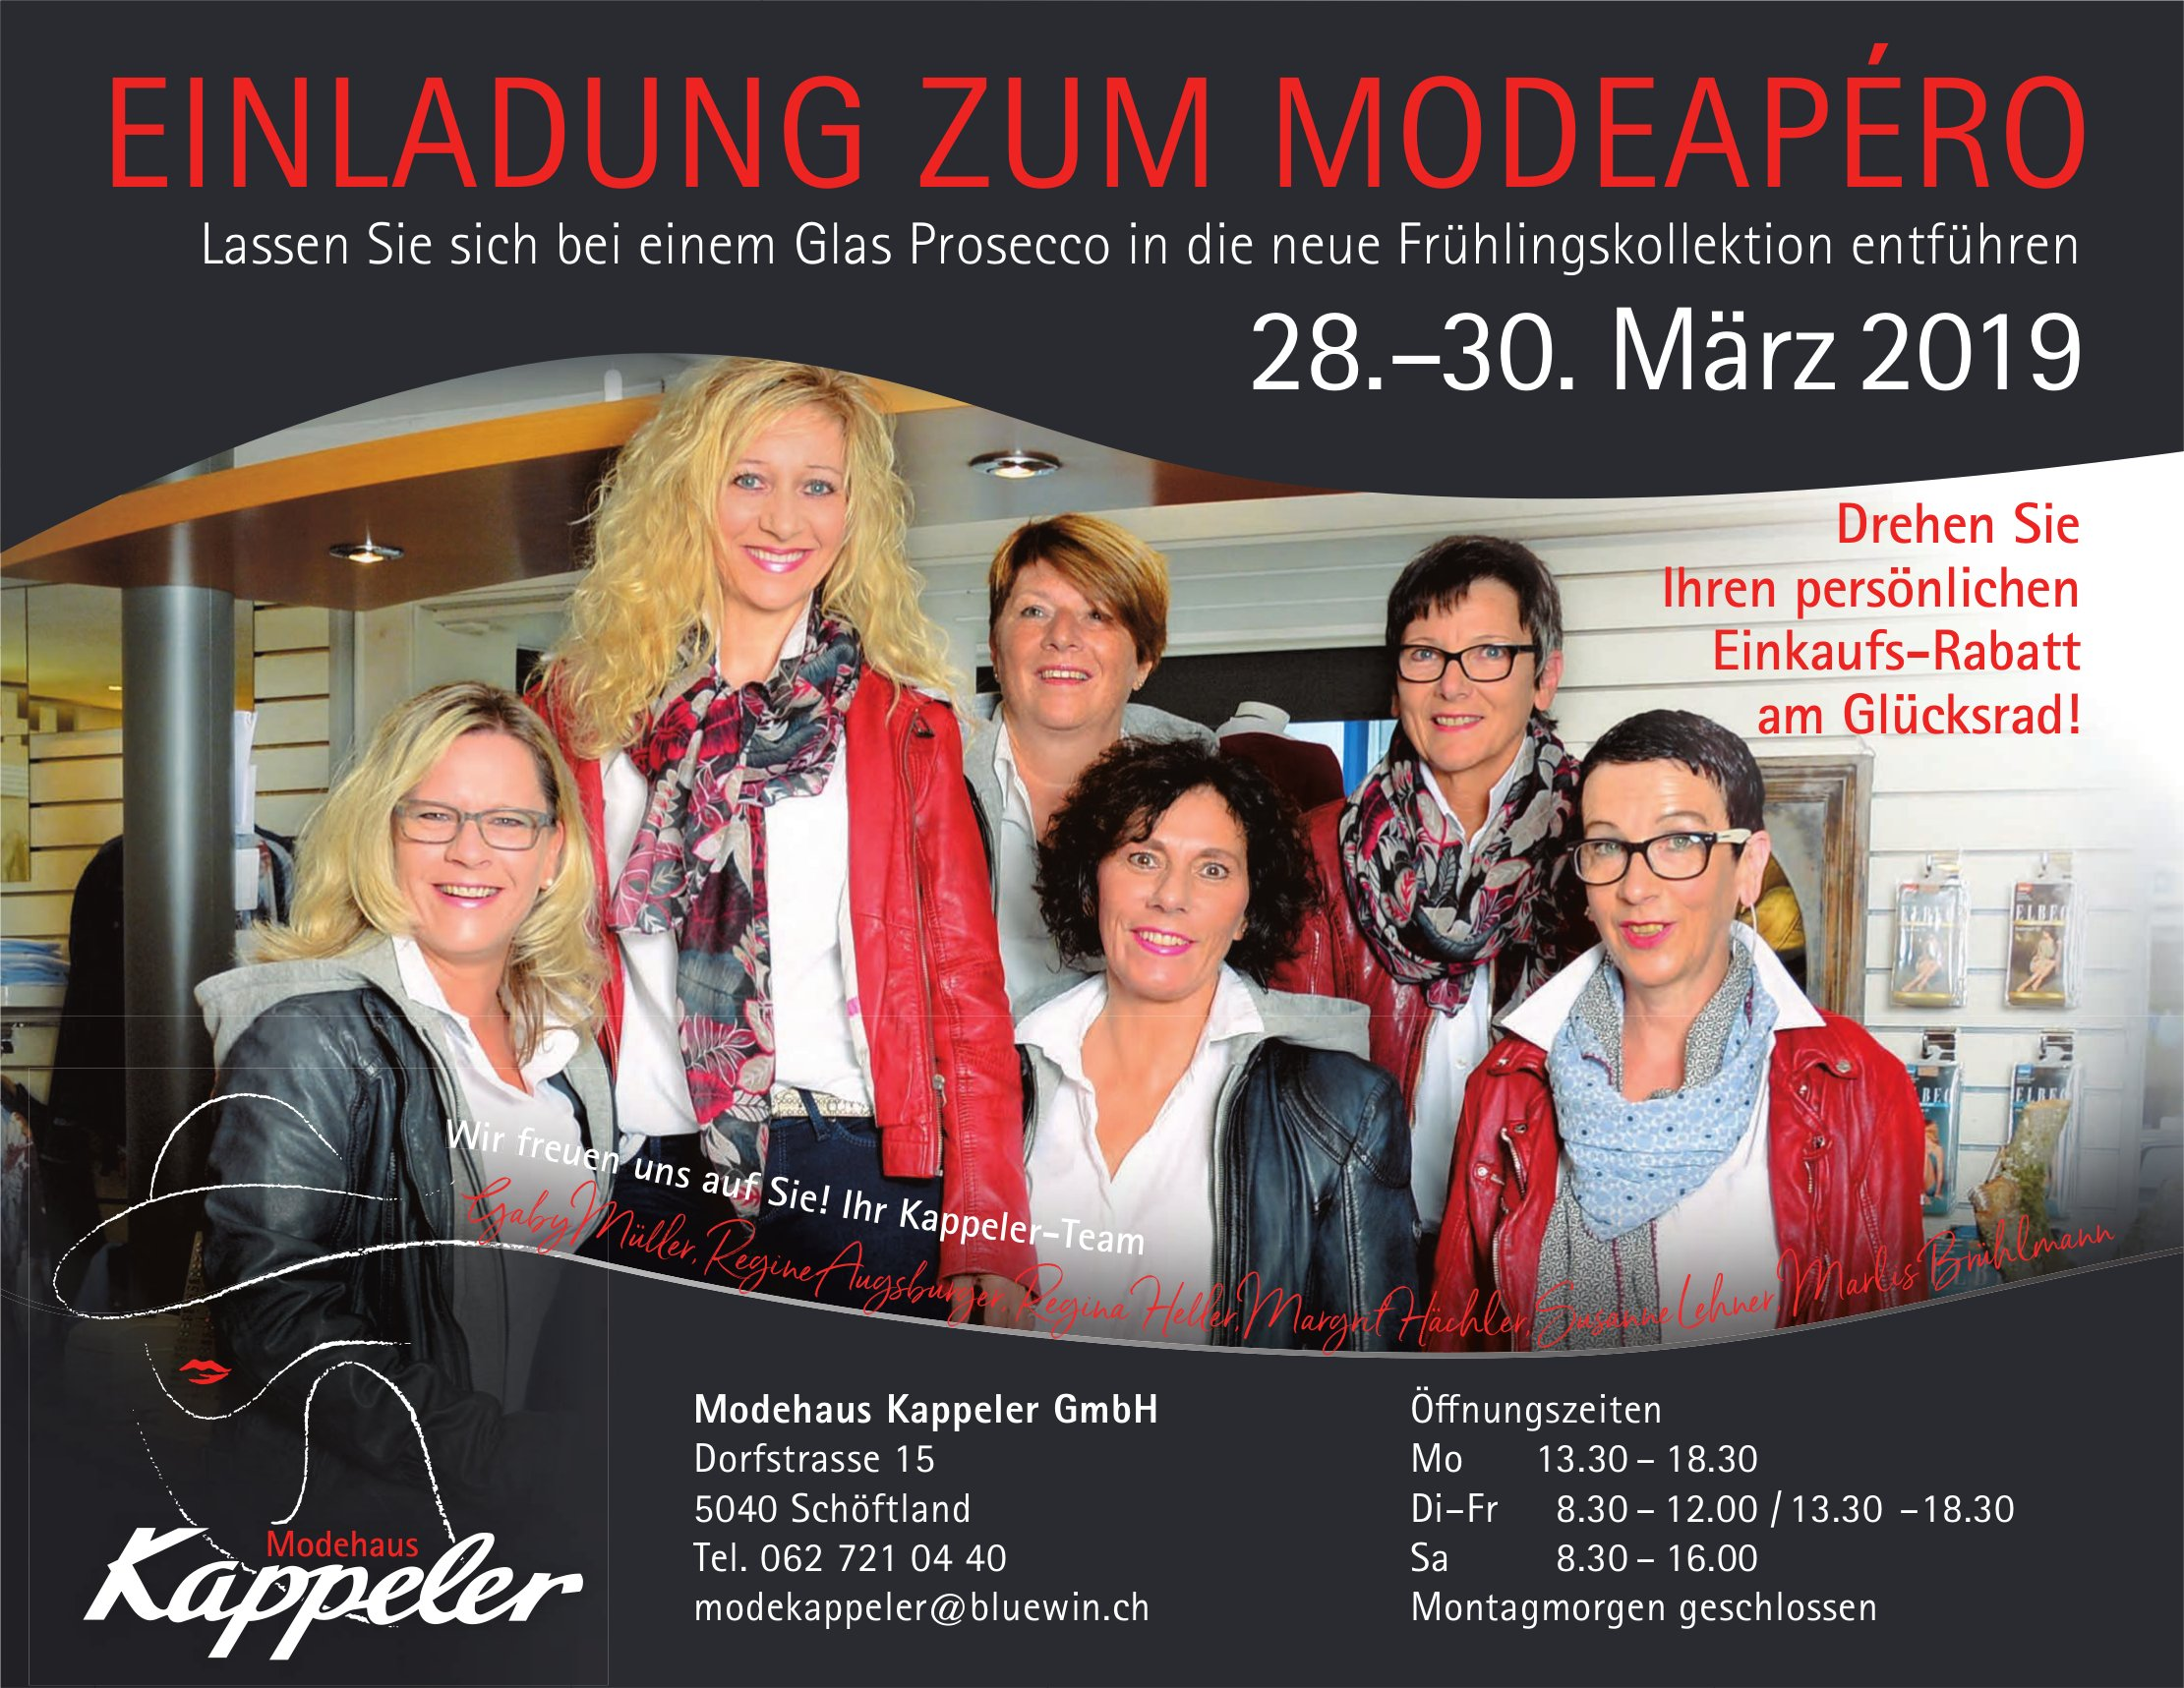 EINLADUNG ZUM MODEAPÉRO, 28. - 30. März, Modehaus Kappeler GmbH, Schöftland